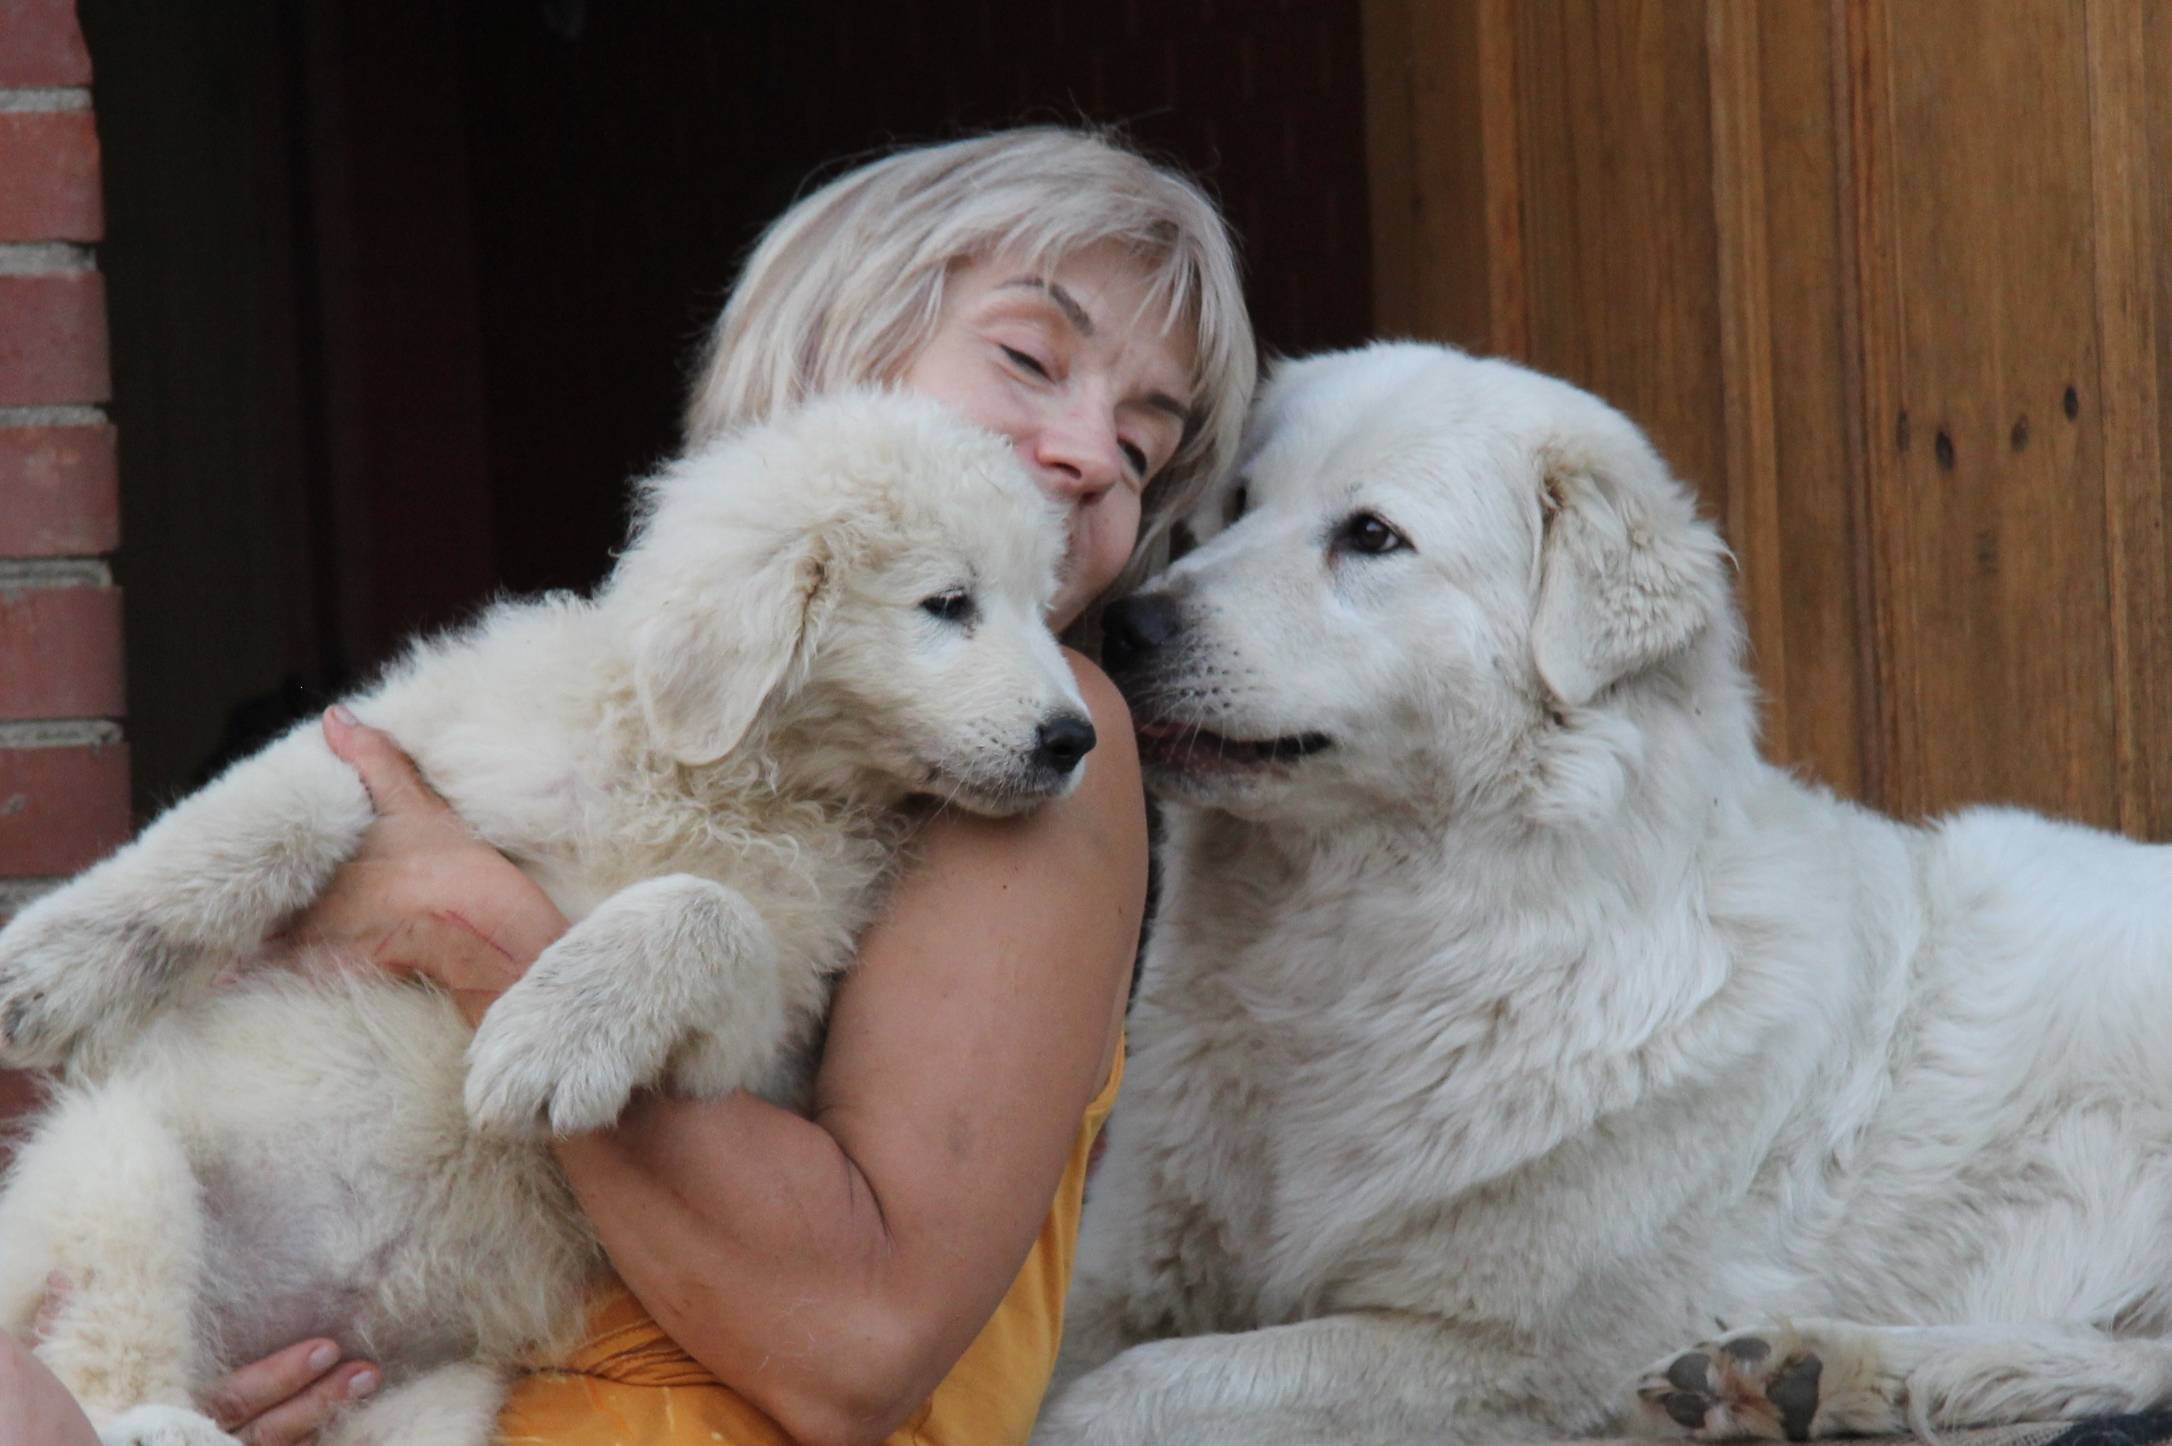 Мареммо-абруццкая овчарка, собака маремма — воплощение чистой силы и преданности